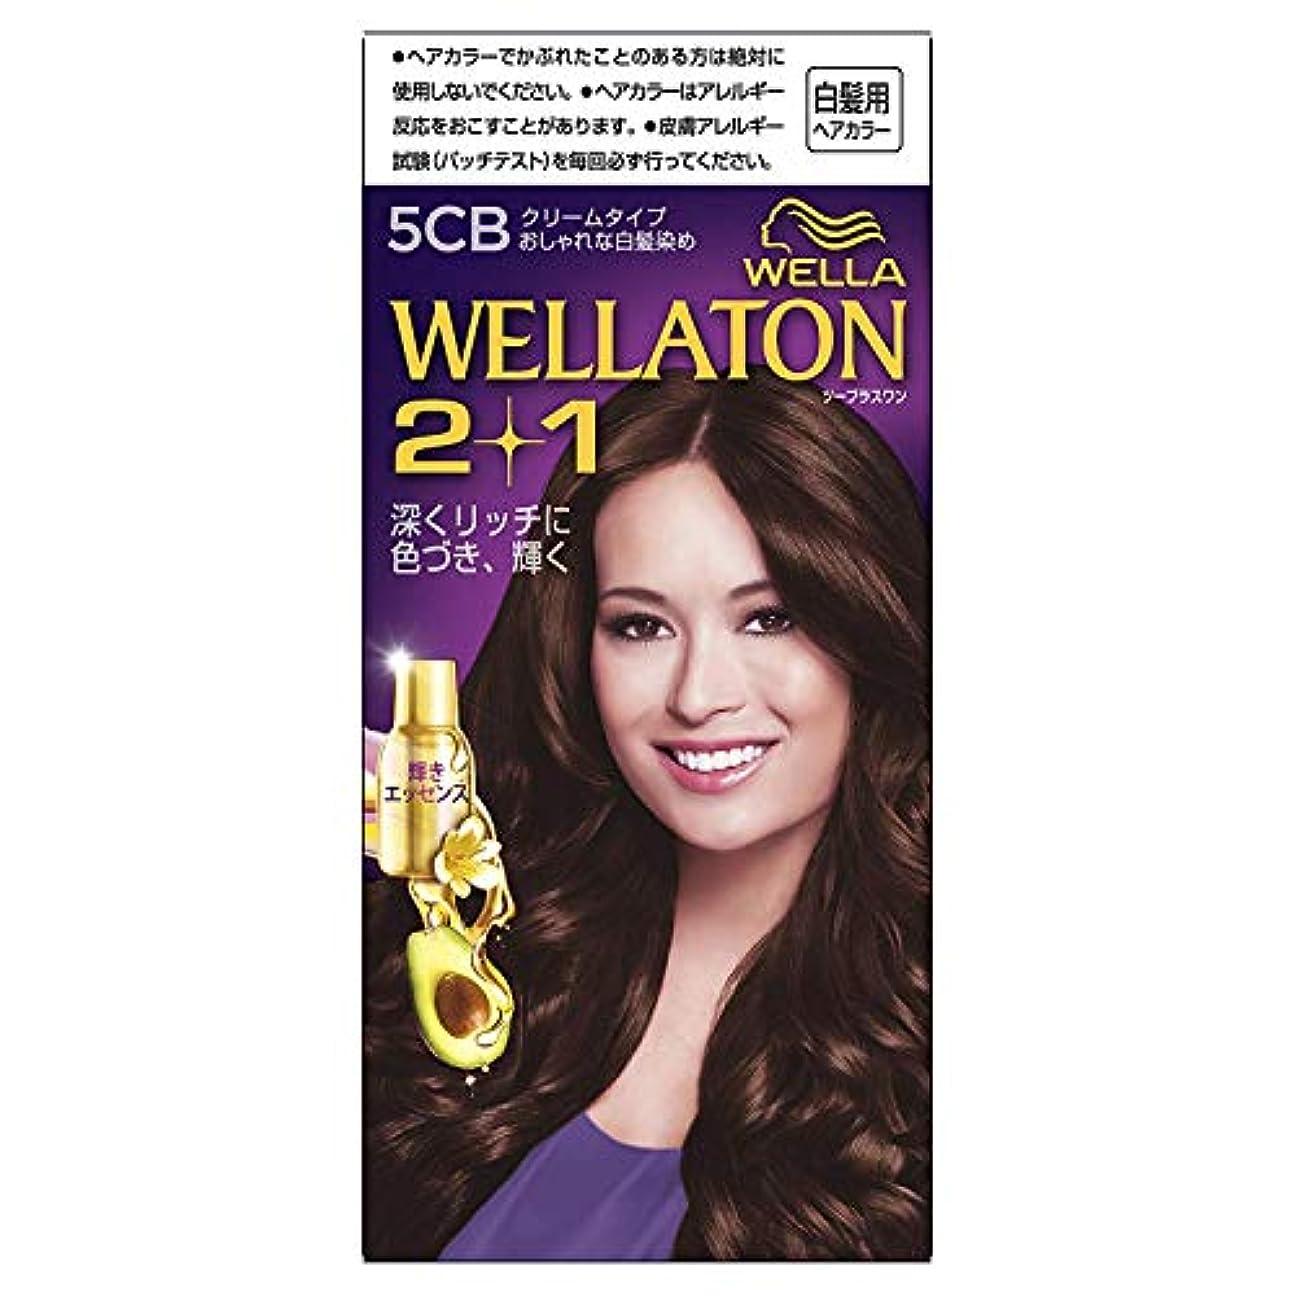 炭水化物補助金比較的ウエラトーン2+1 白髪染め クリームタイプ 5CB [医薬部外品] ×6個